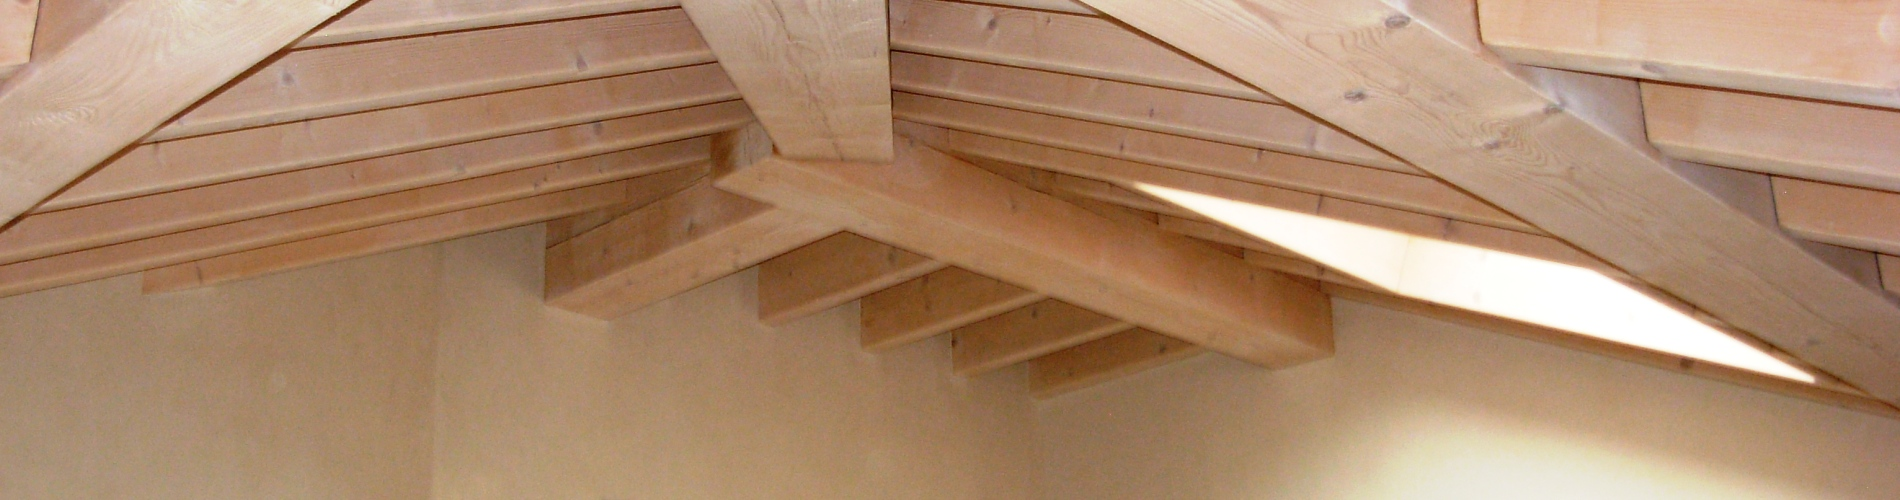 rifacimento-tetto-travi-in-legno-deon-group